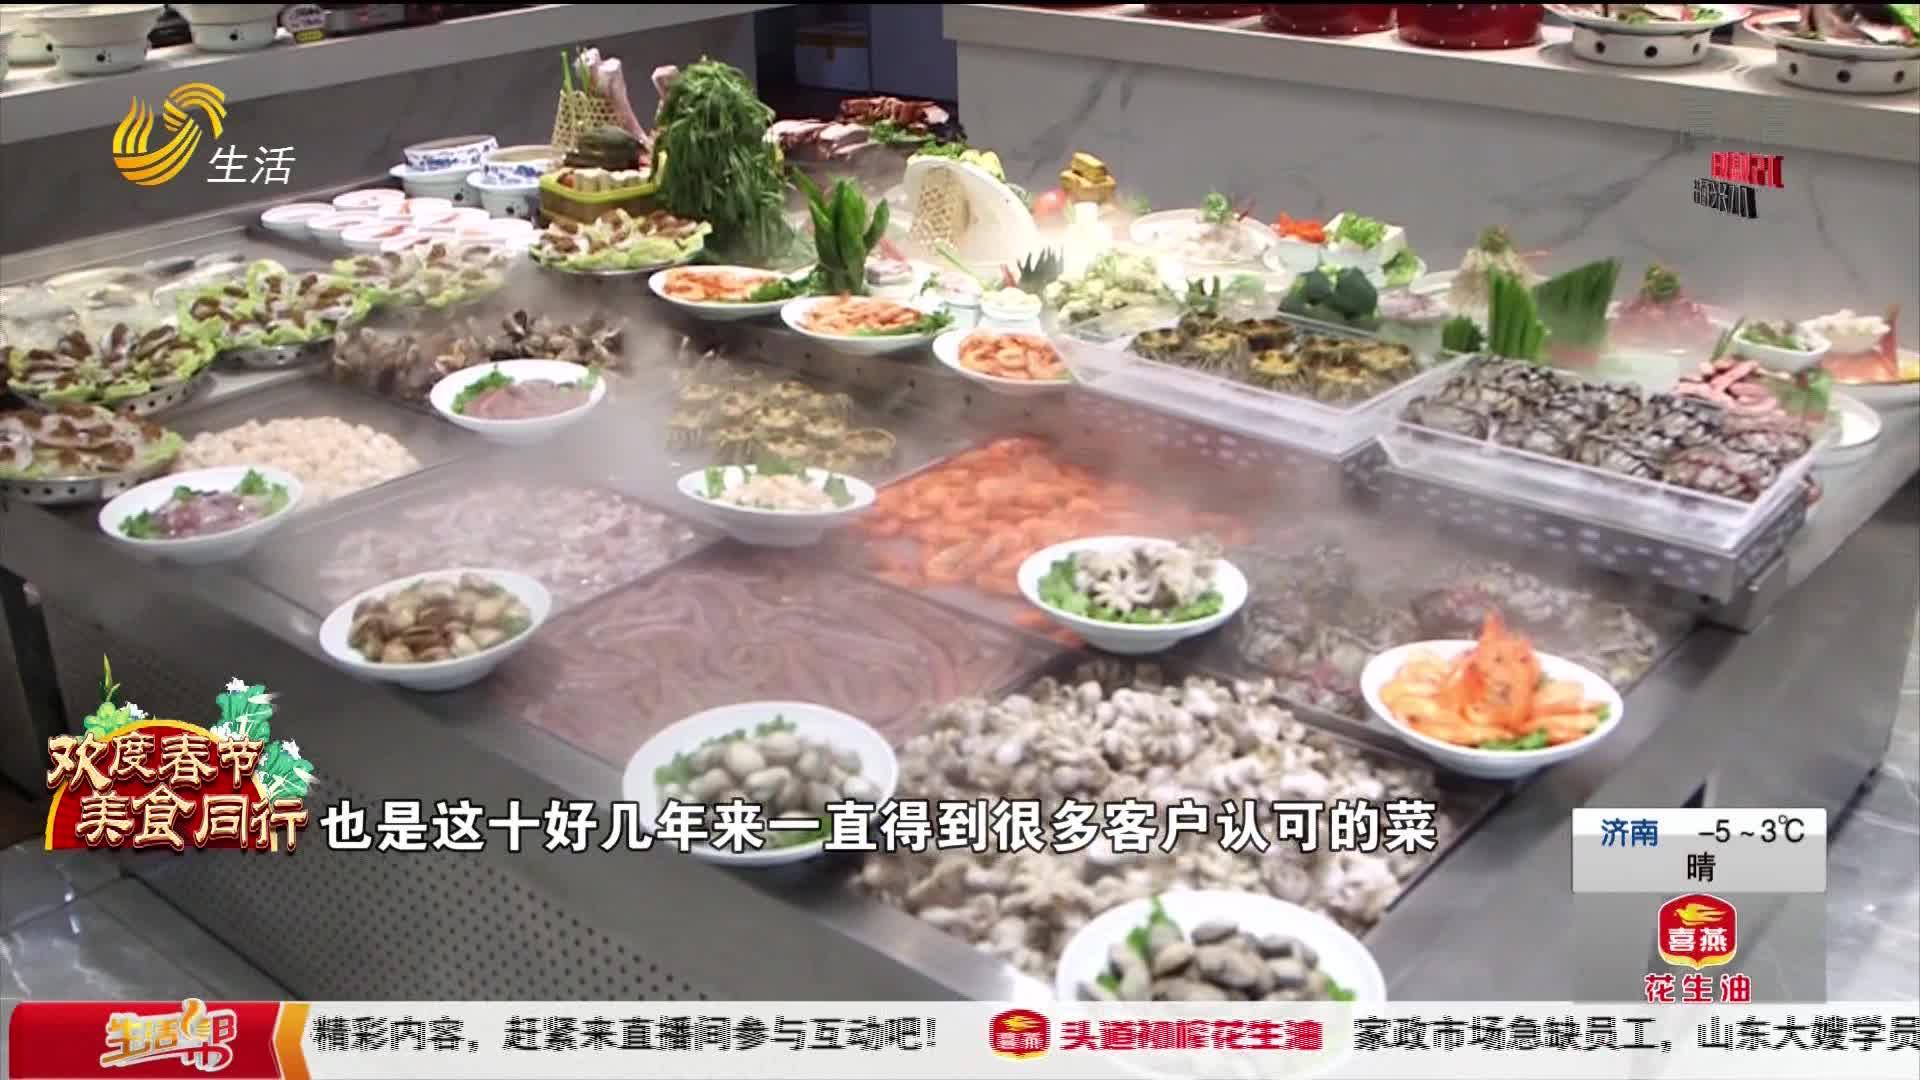 【欢度春节 美食同行】鲜花椒焗排骨 有妈妈菜的味道